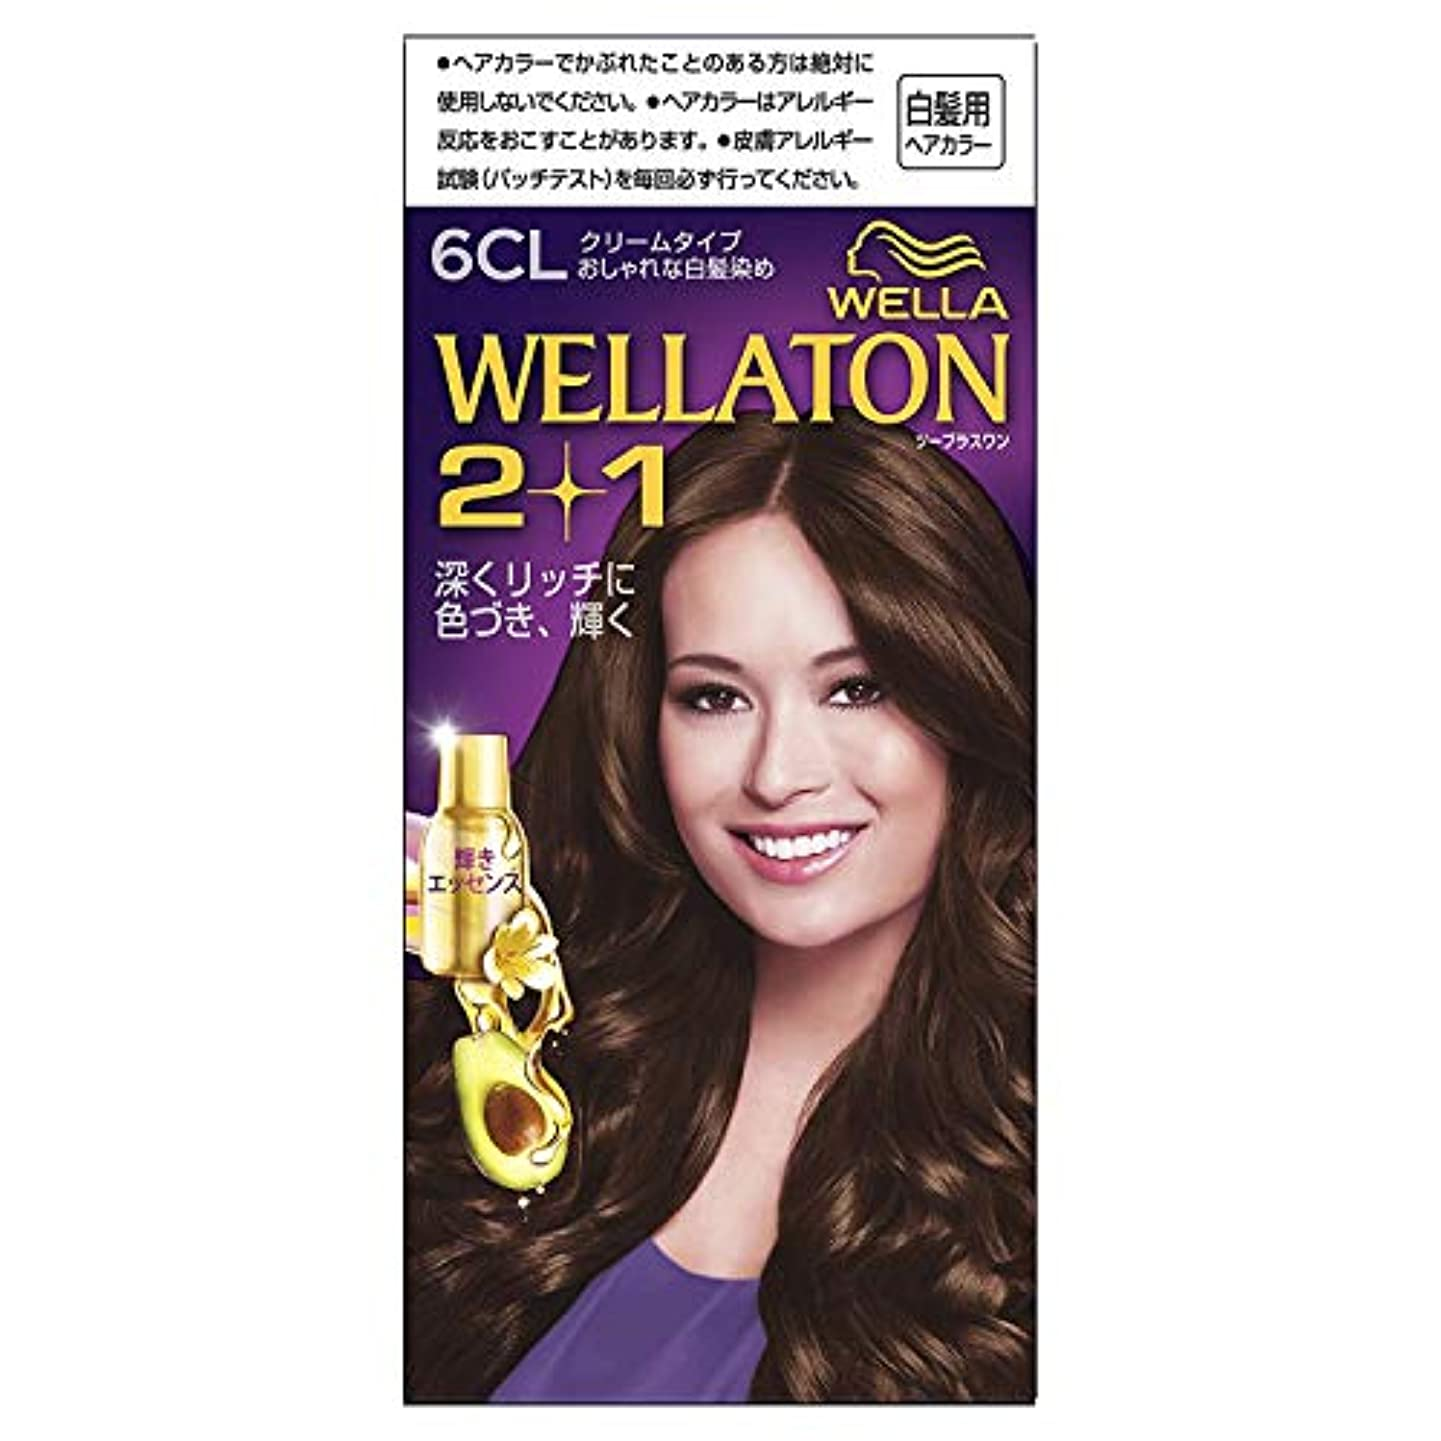 マーチャンダイザー購入誤解を招くウエラトーン2+1 クリームタイプ 6CL [医薬部外品]×6個